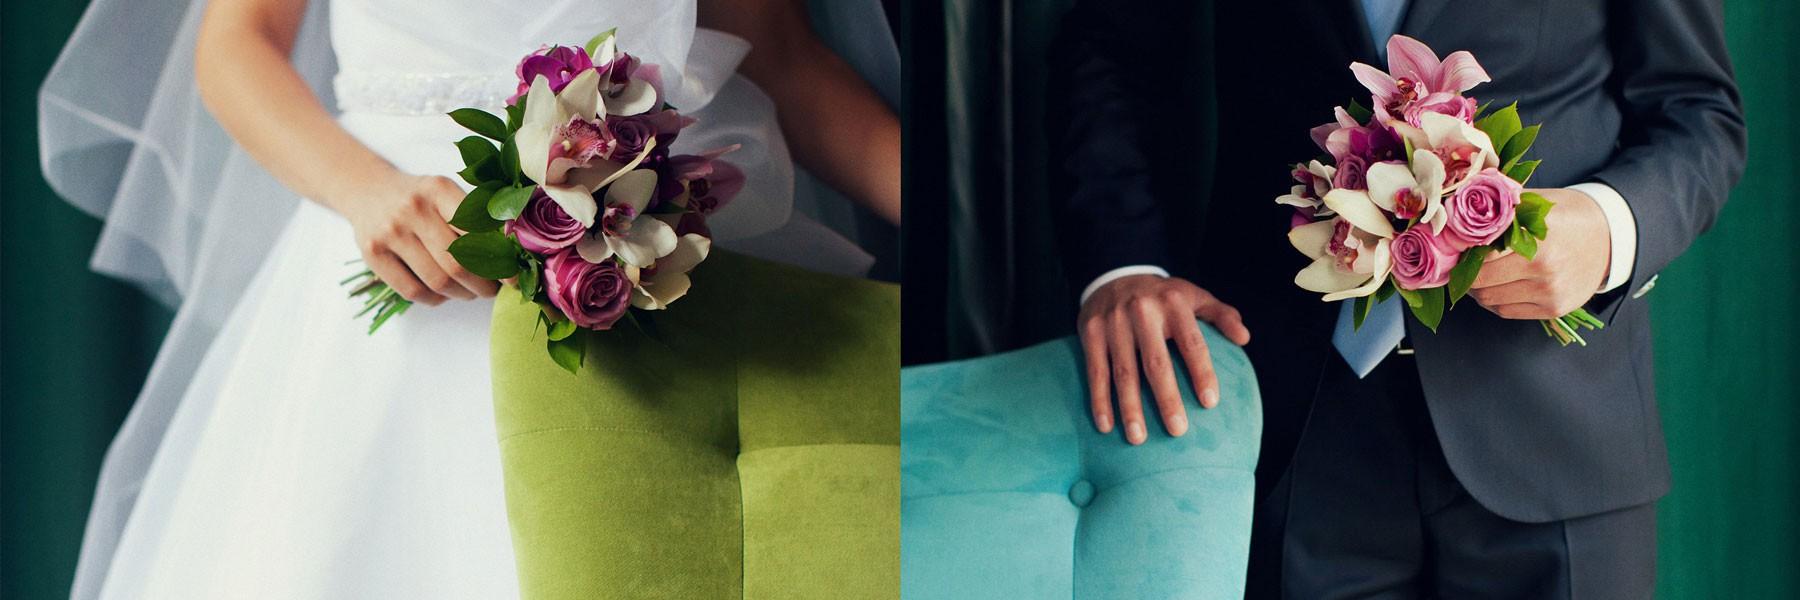 Планирование любой свадьбы очень кропотливая и долгая работа и это правда, так как нужно учесть а